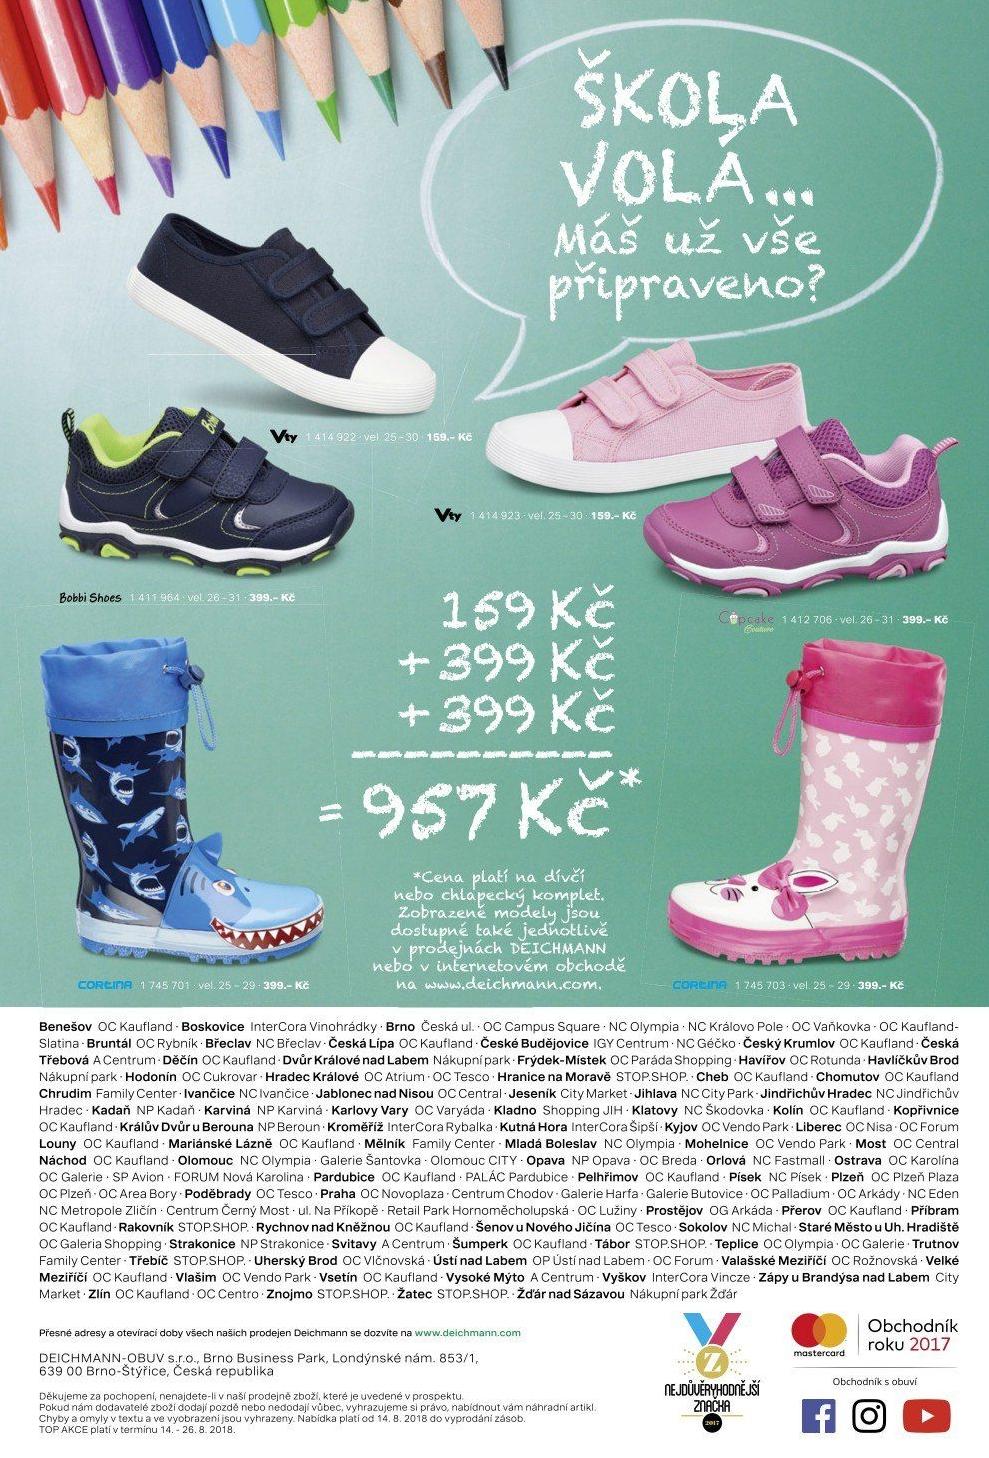 c894b277bd Dětská plátěná obuv Victory v akci DEICHMANN od 14.8.2018